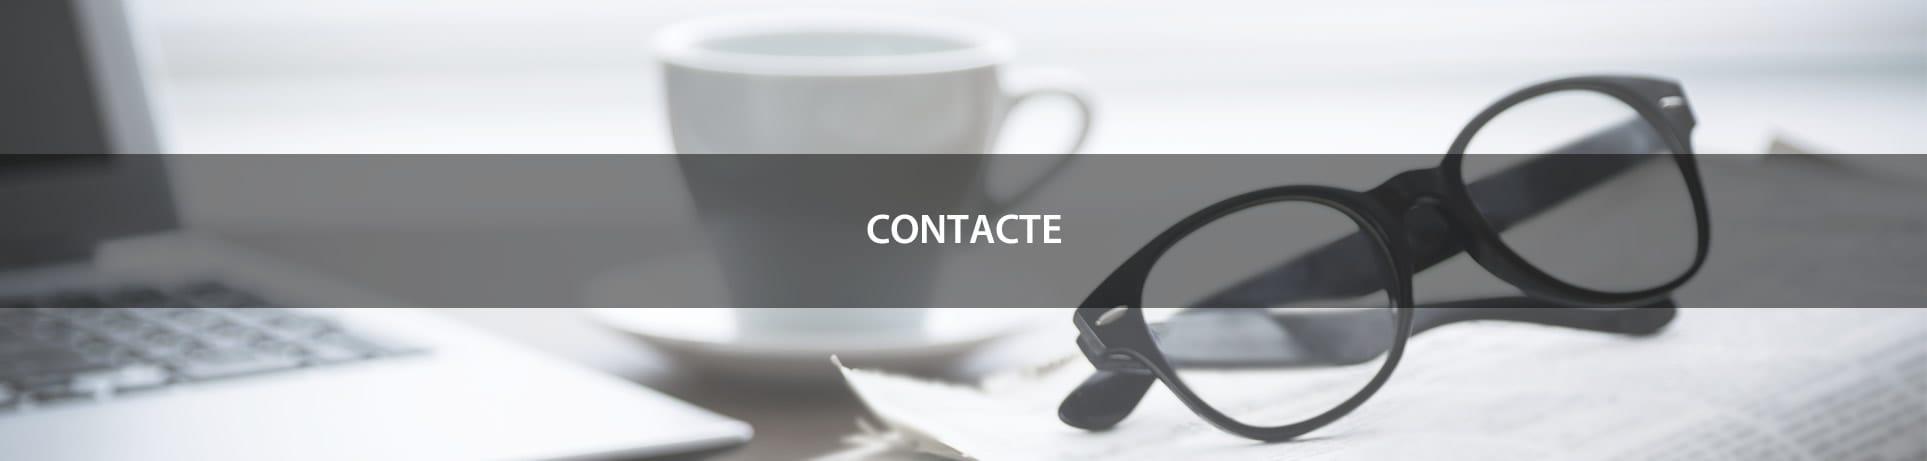 banner-contacte-cat